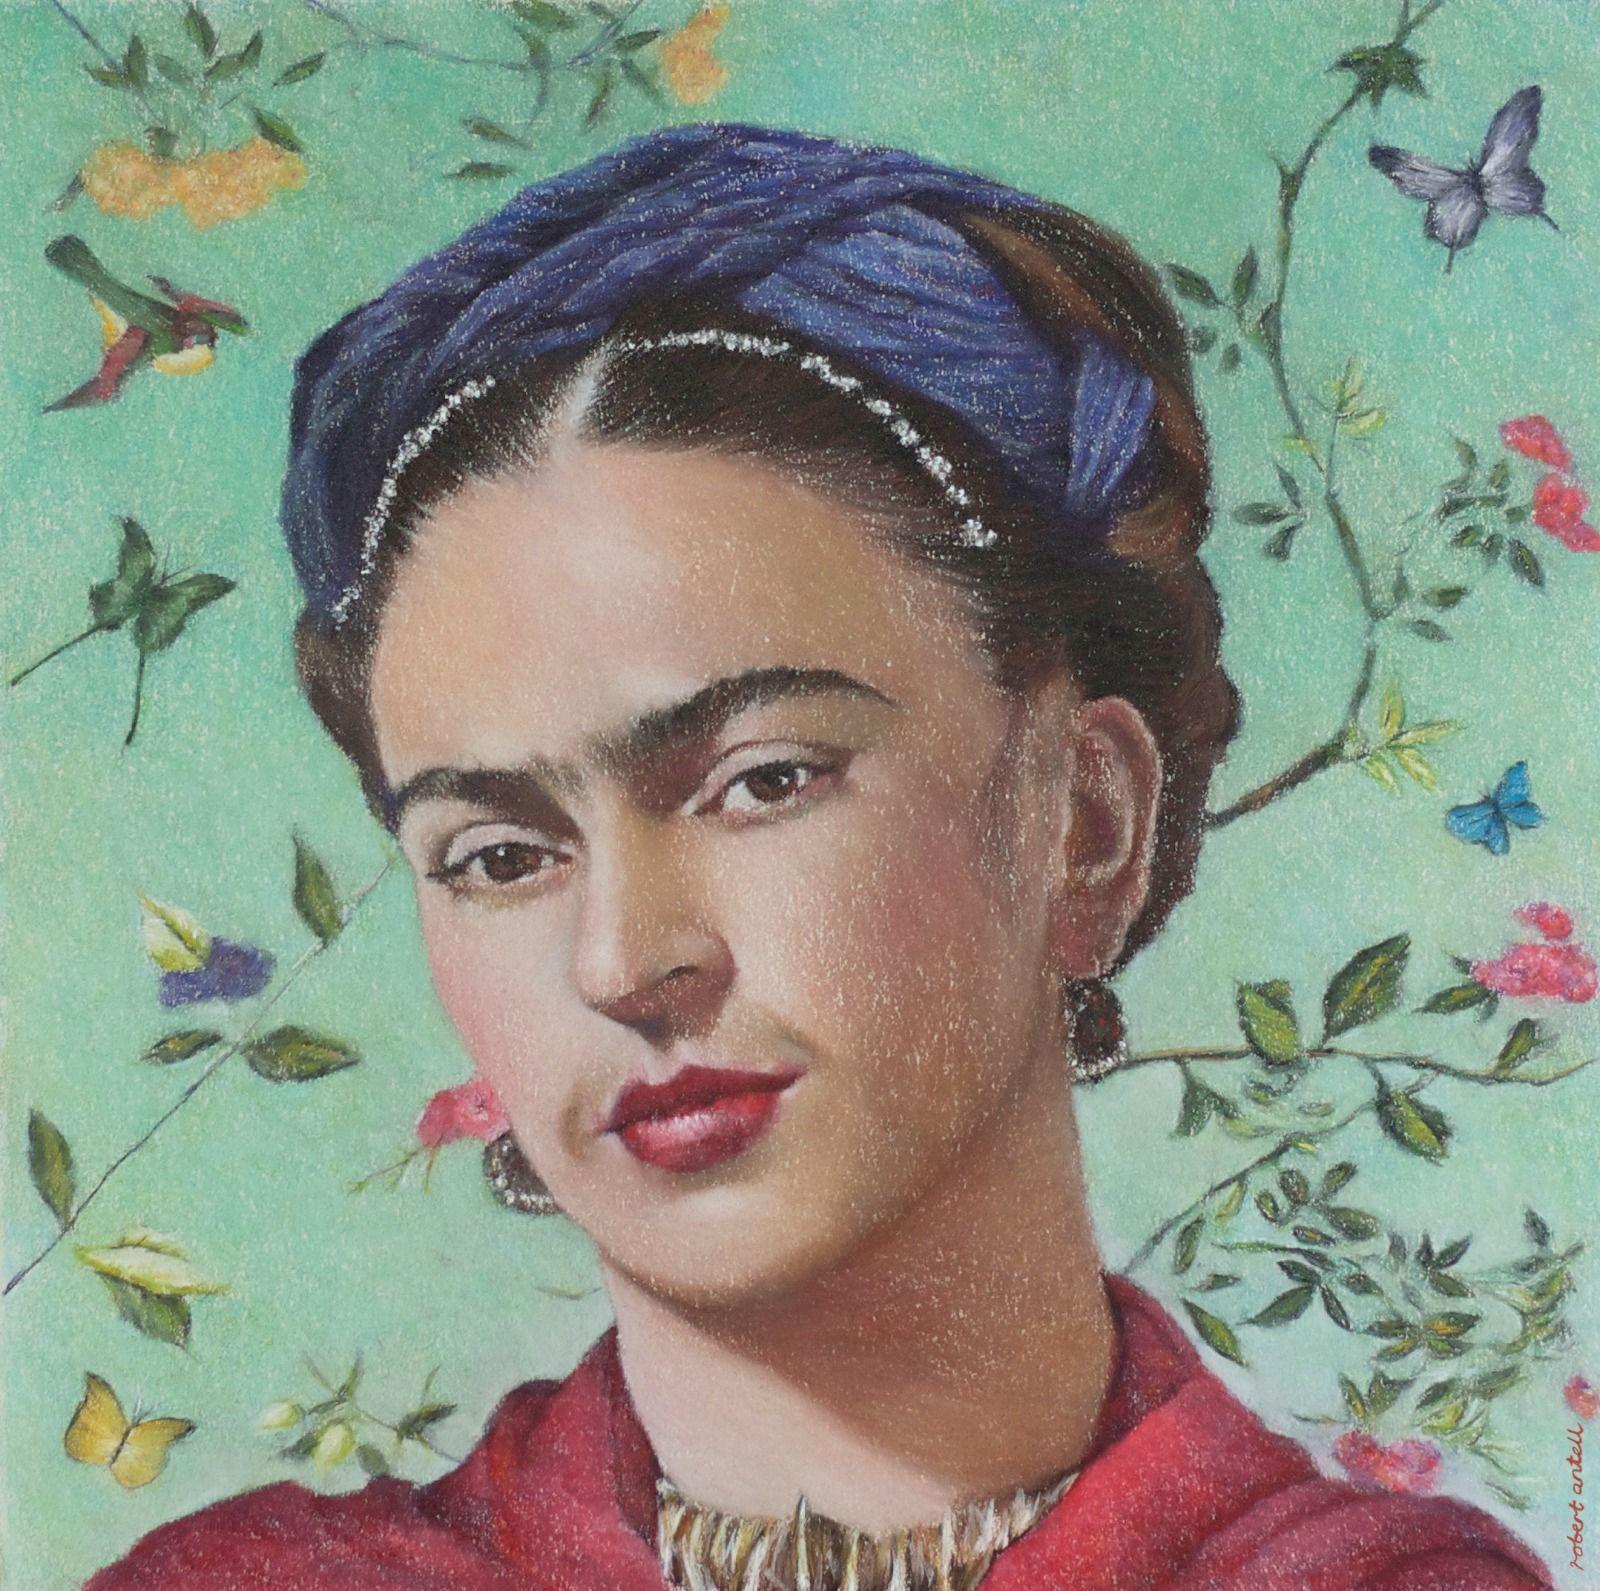 Frida Kahlo Teal background